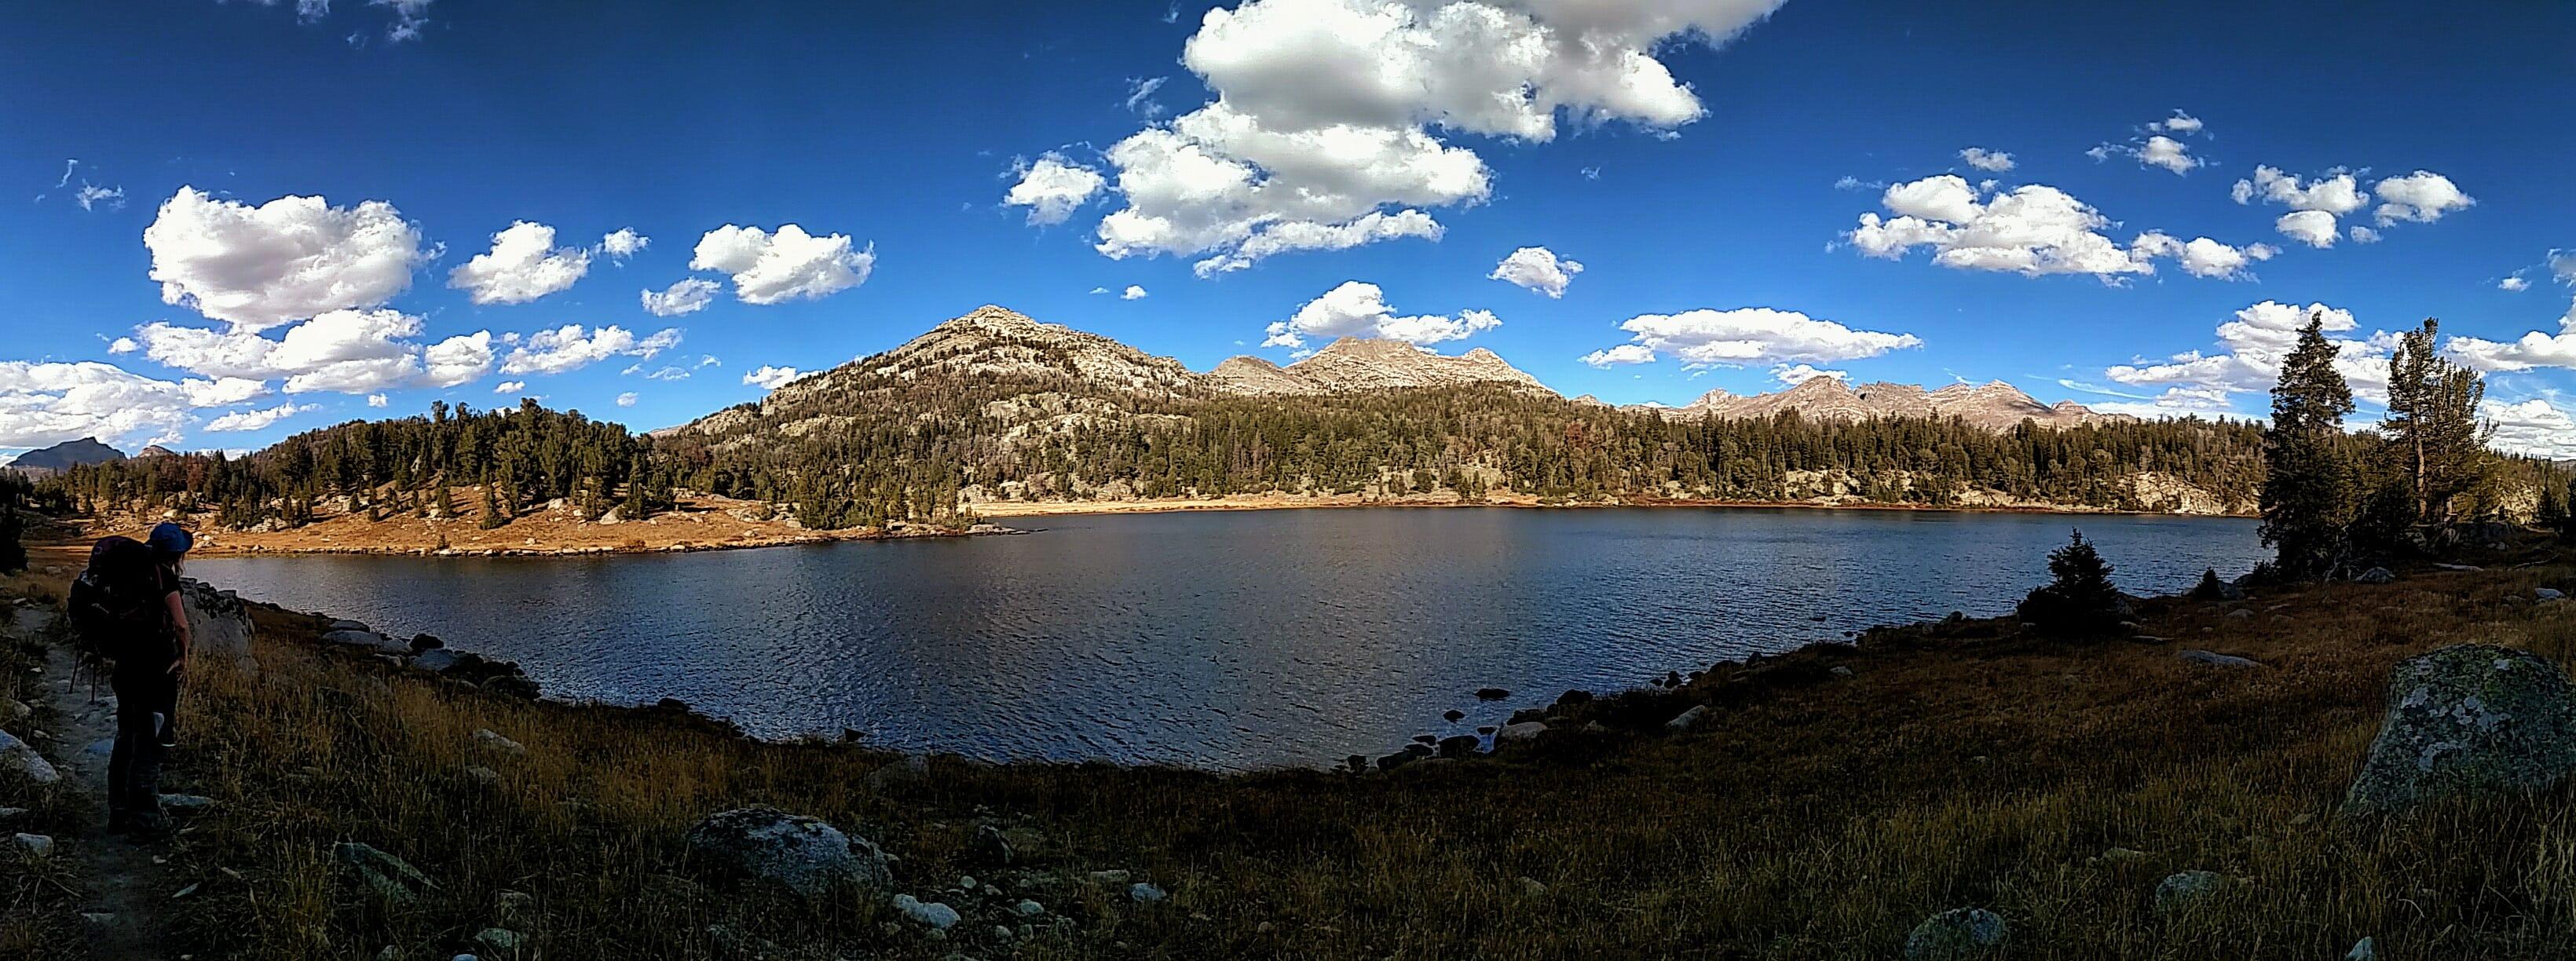 Marms Lake, Wyoming